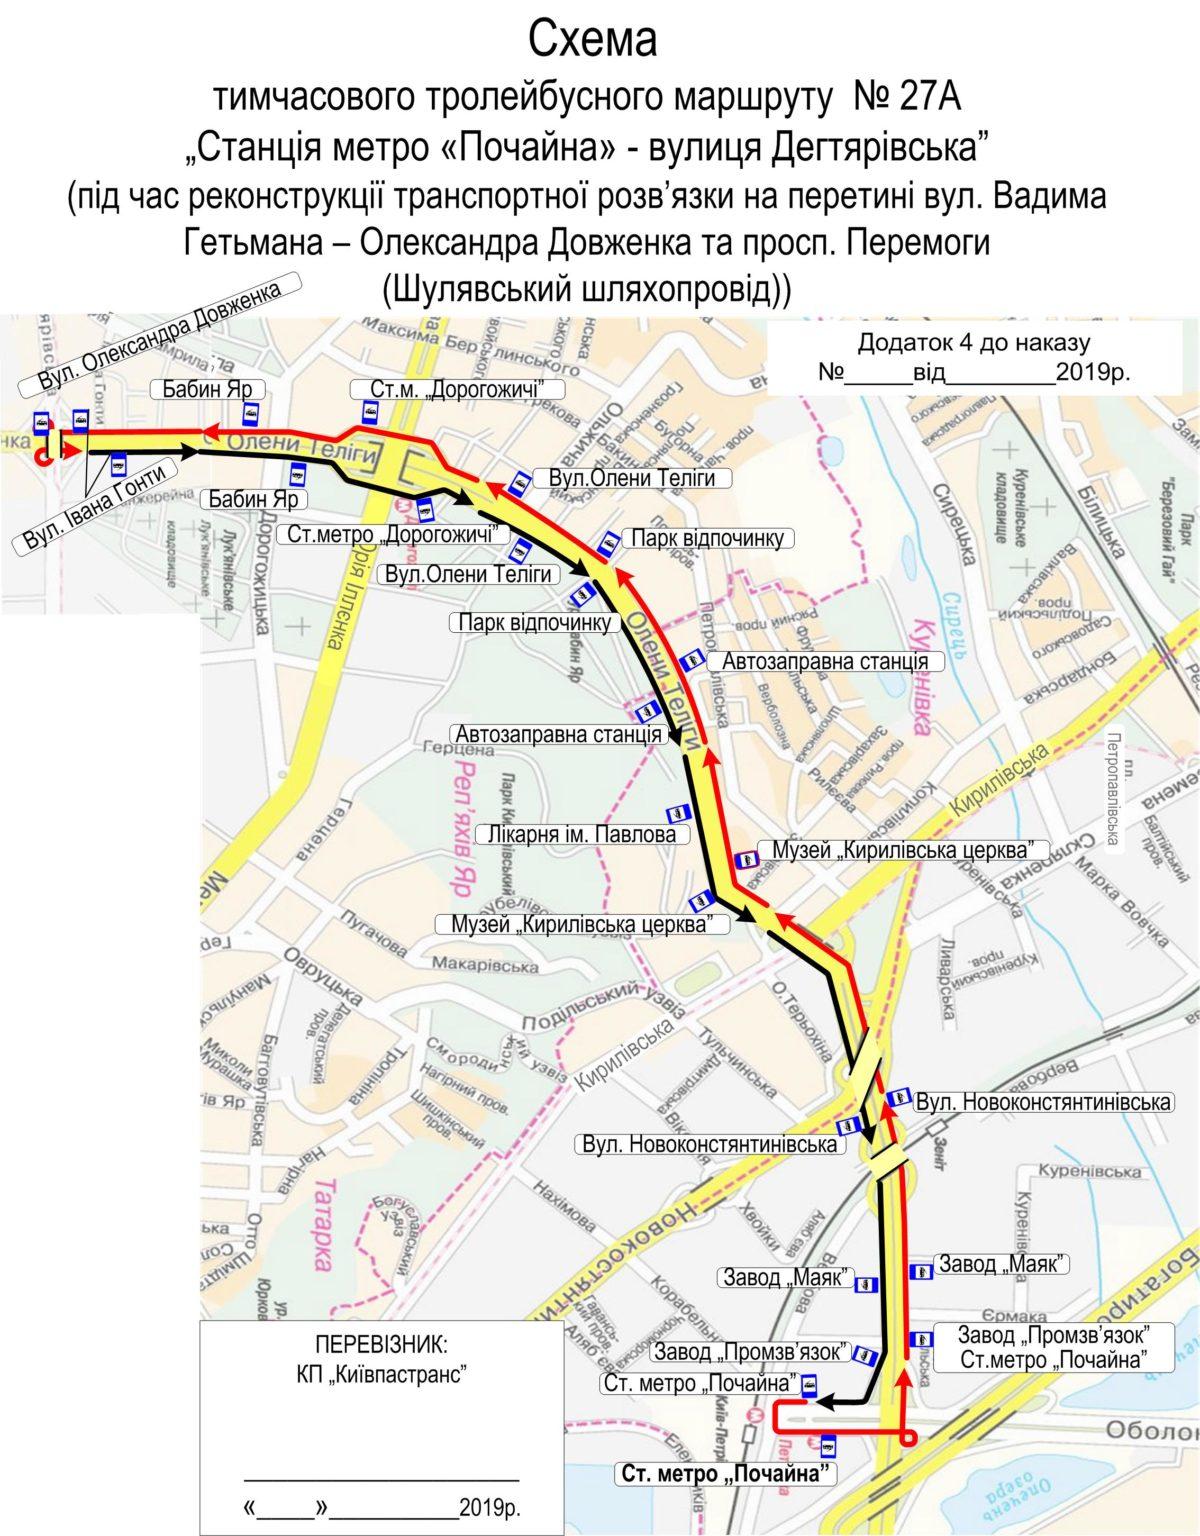 Троллейбусный маршрут №27а будет организован следующим образом